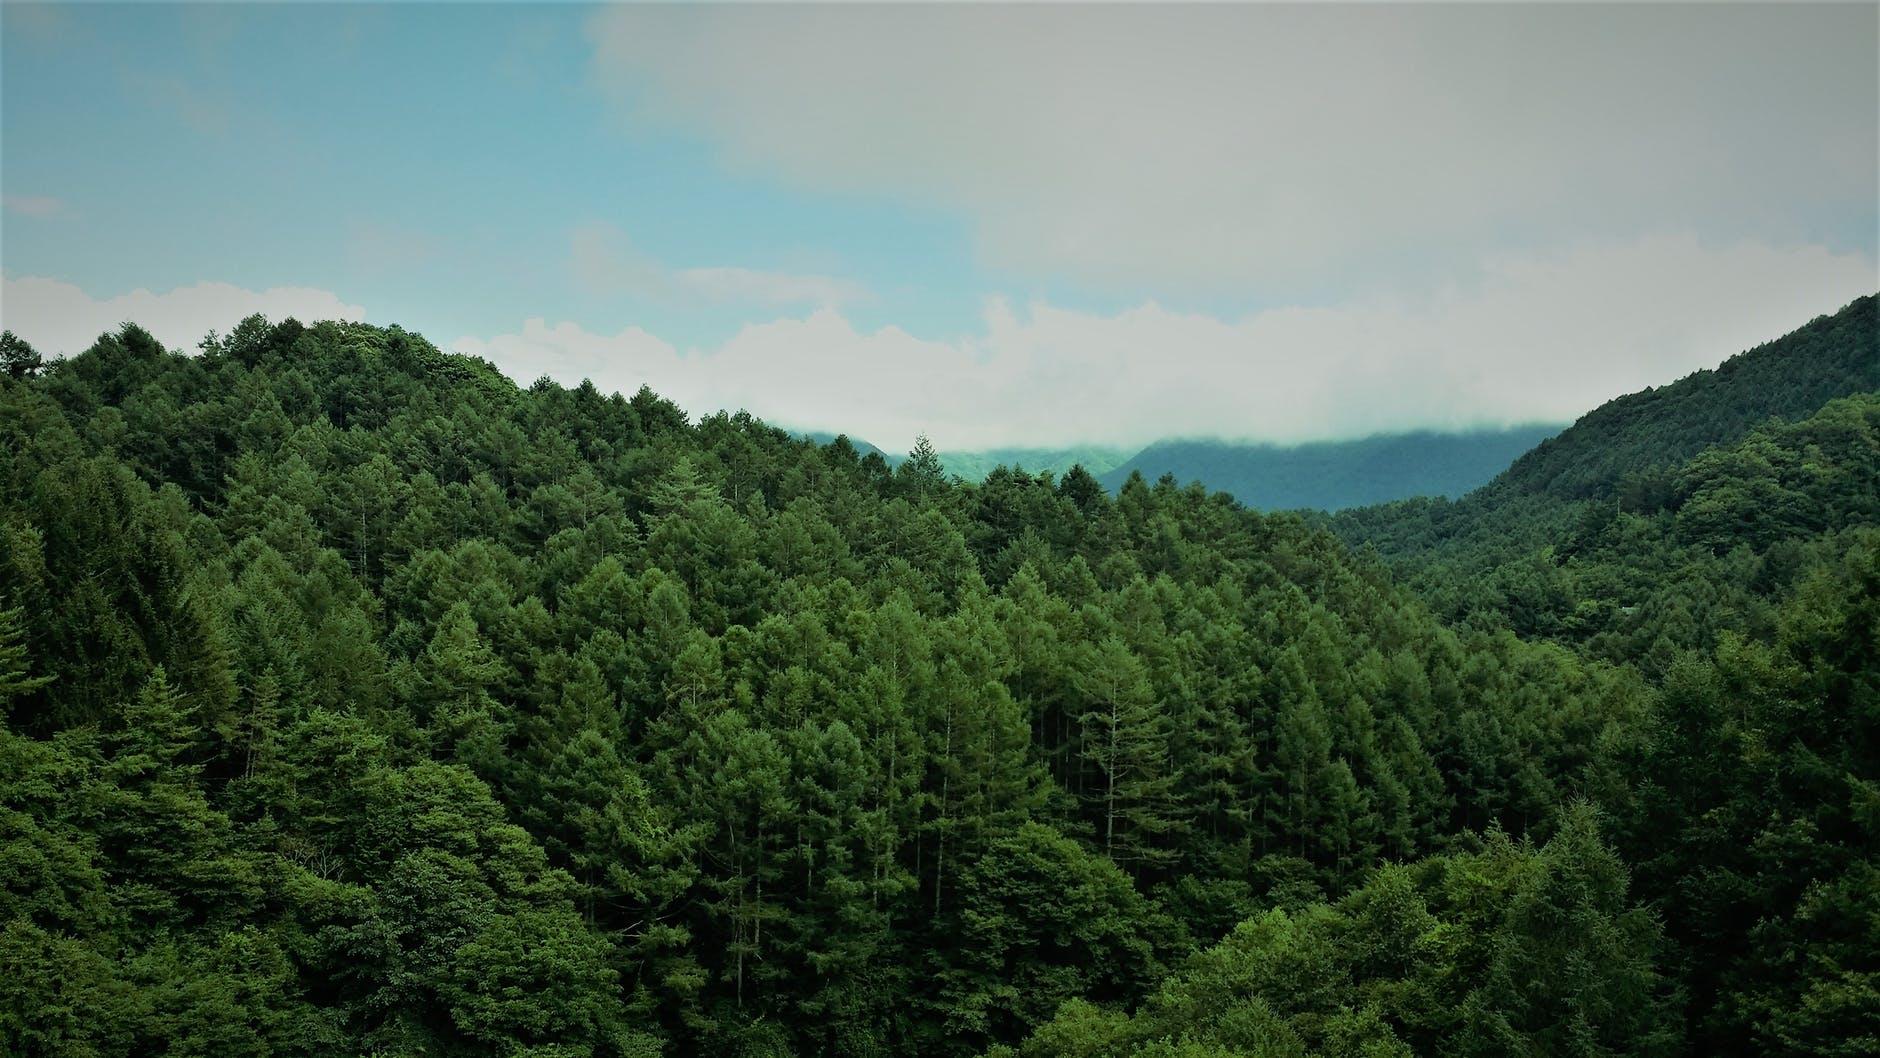 ефективне лікування рослин та лісу, діагностика шкідників і хвороб, екосистемна фітопатологія і лісопатологія